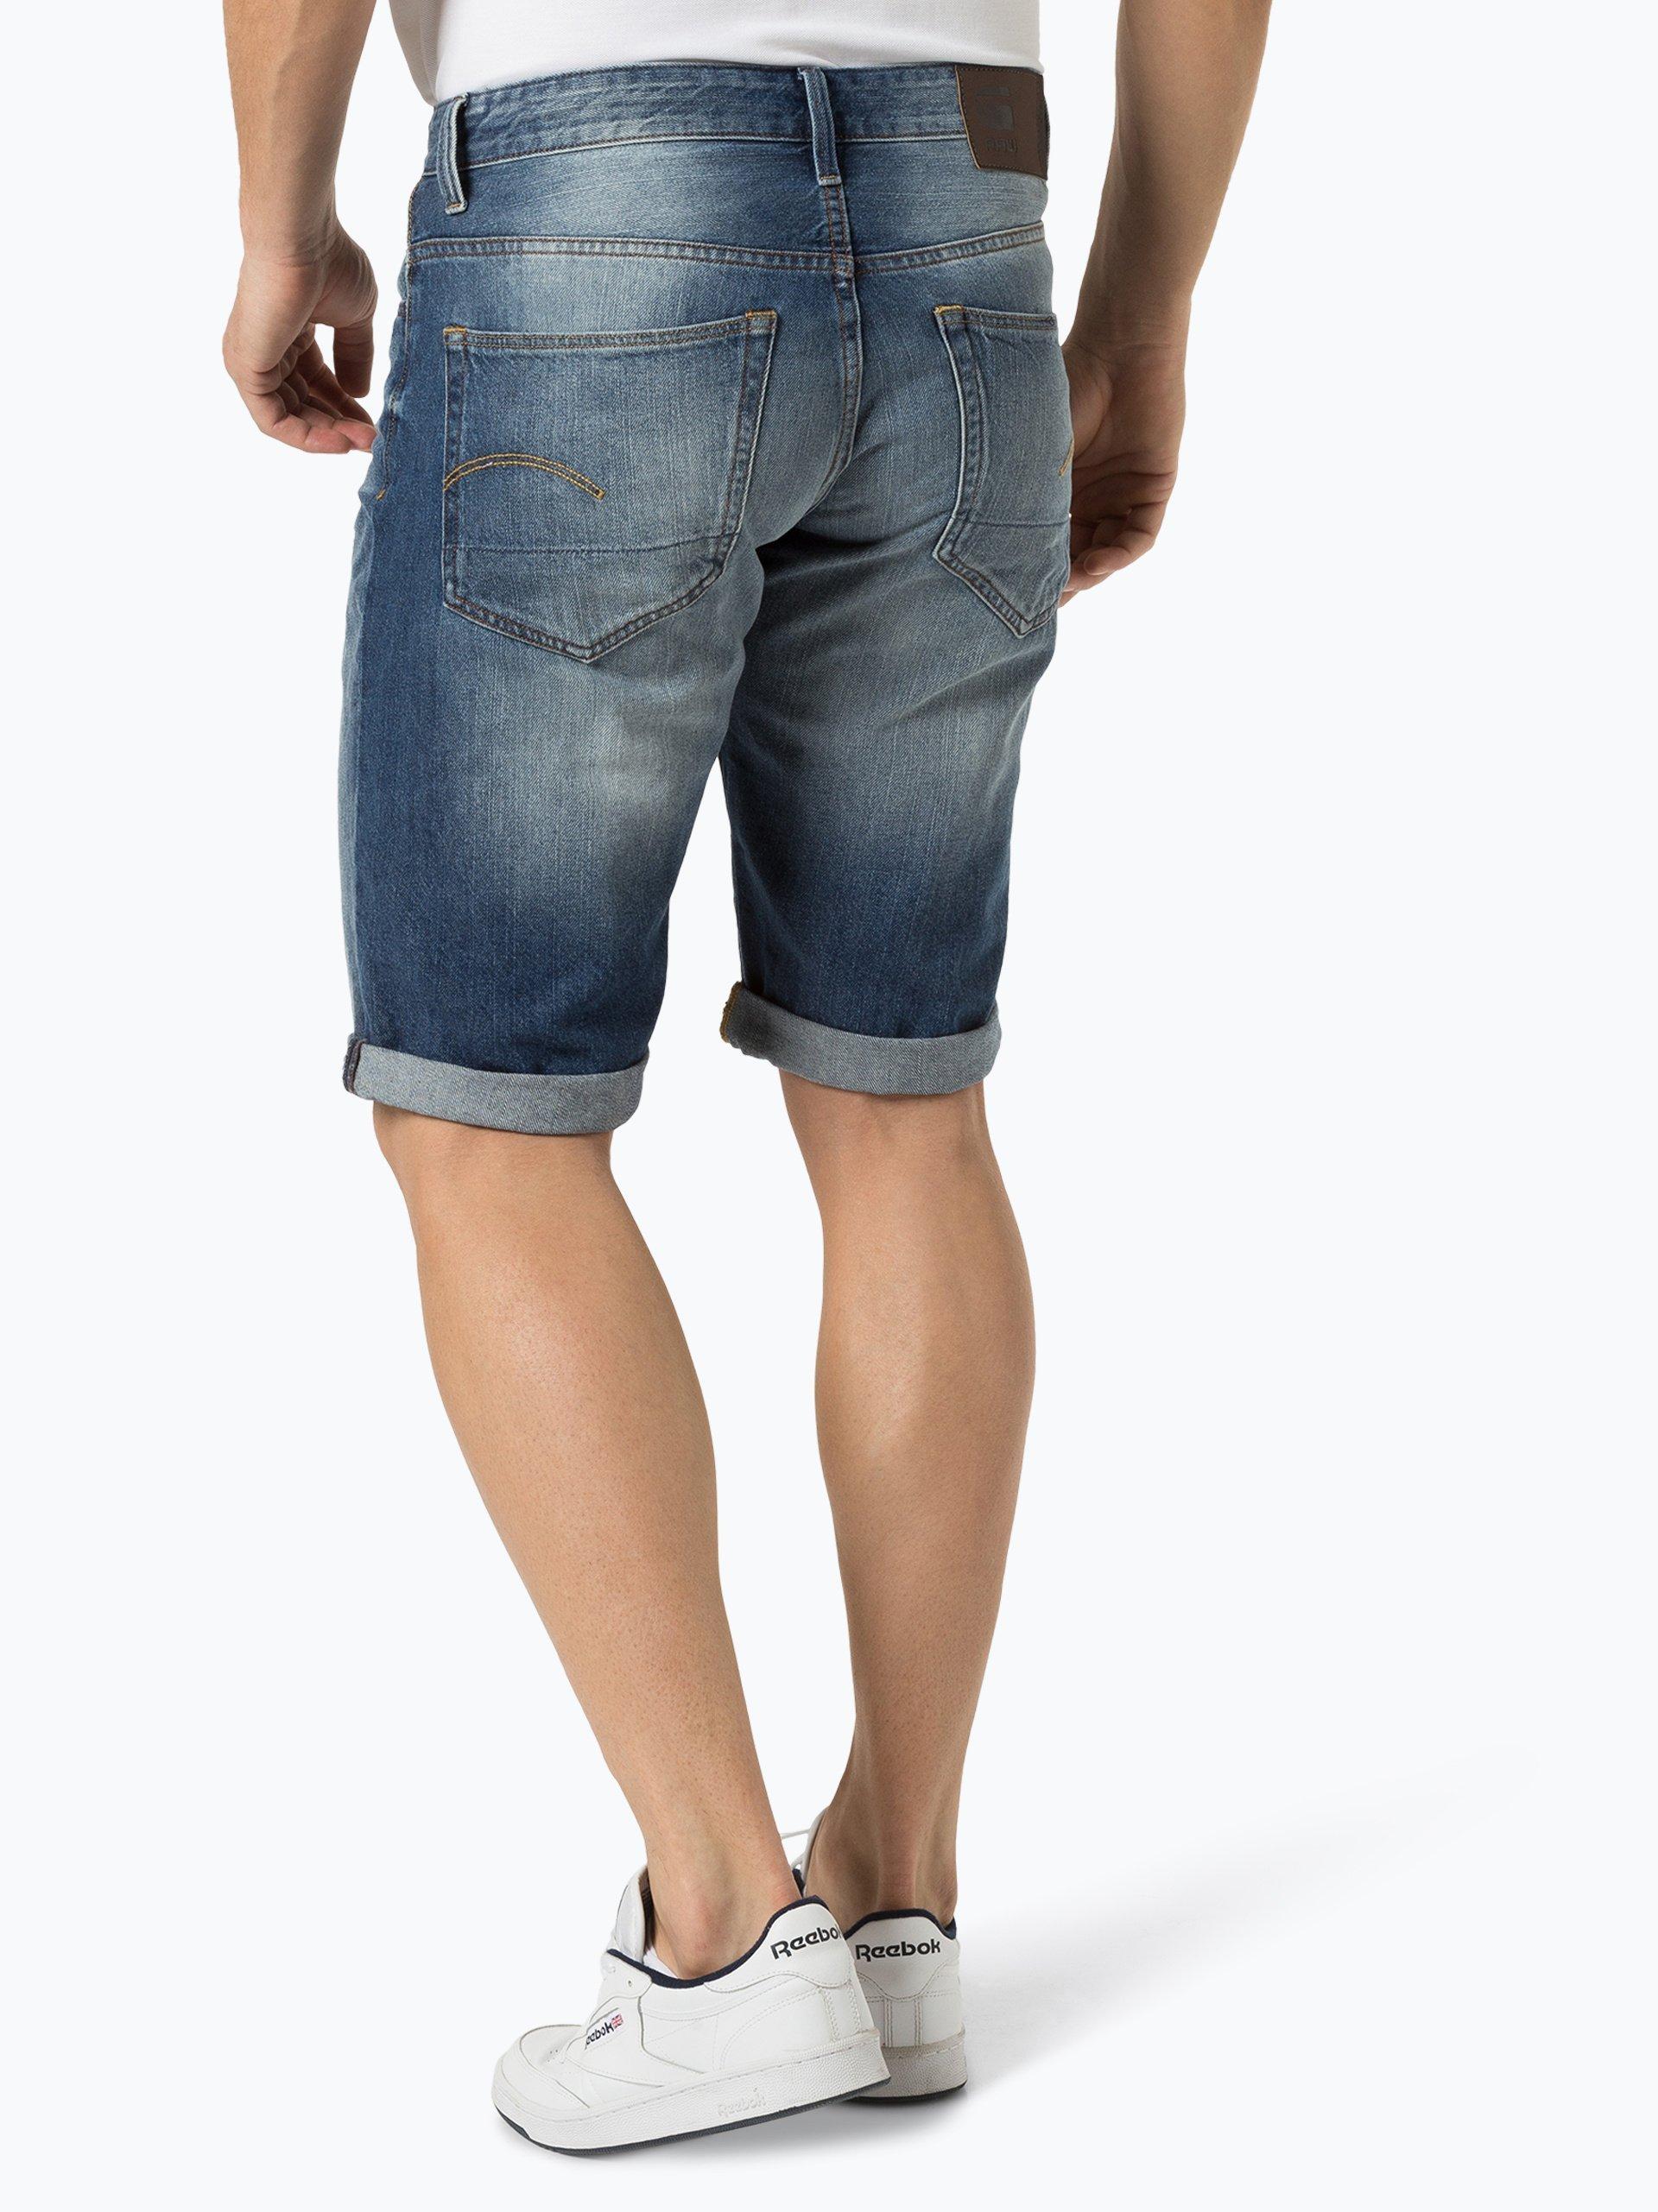 g star herren jeansshorts 3301 online kaufen vangraaf com. Black Bedroom Furniture Sets. Home Design Ideas